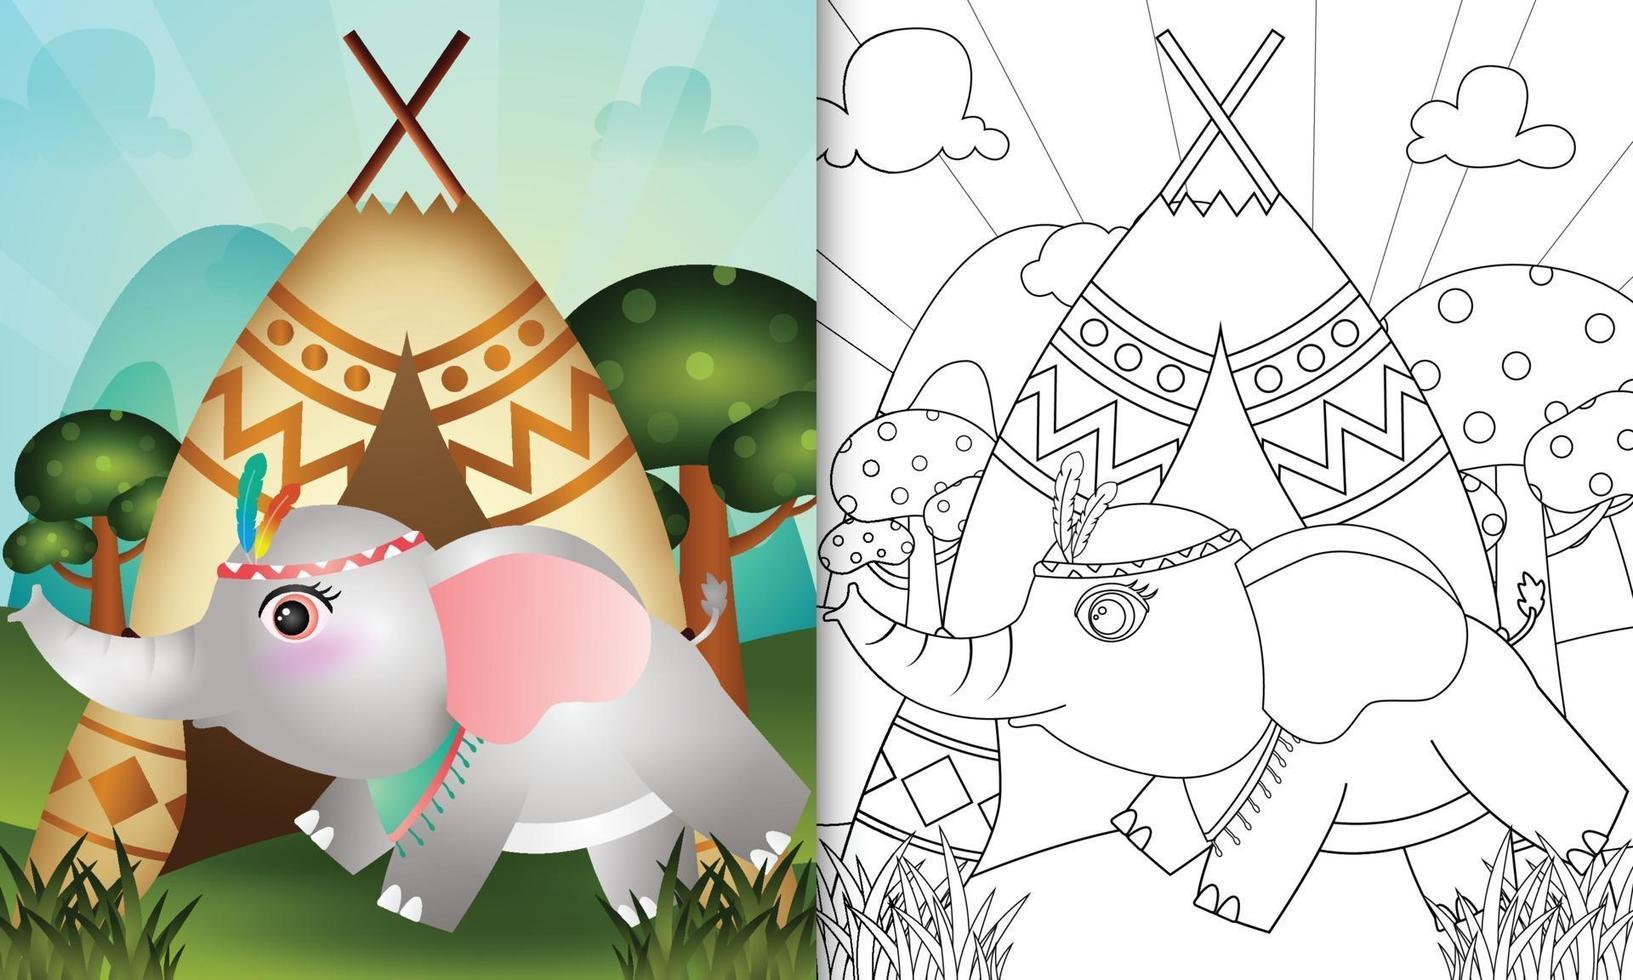 modello di libro da colorare per bambini con un simpatico elefante boho tribale illustrazione vettore